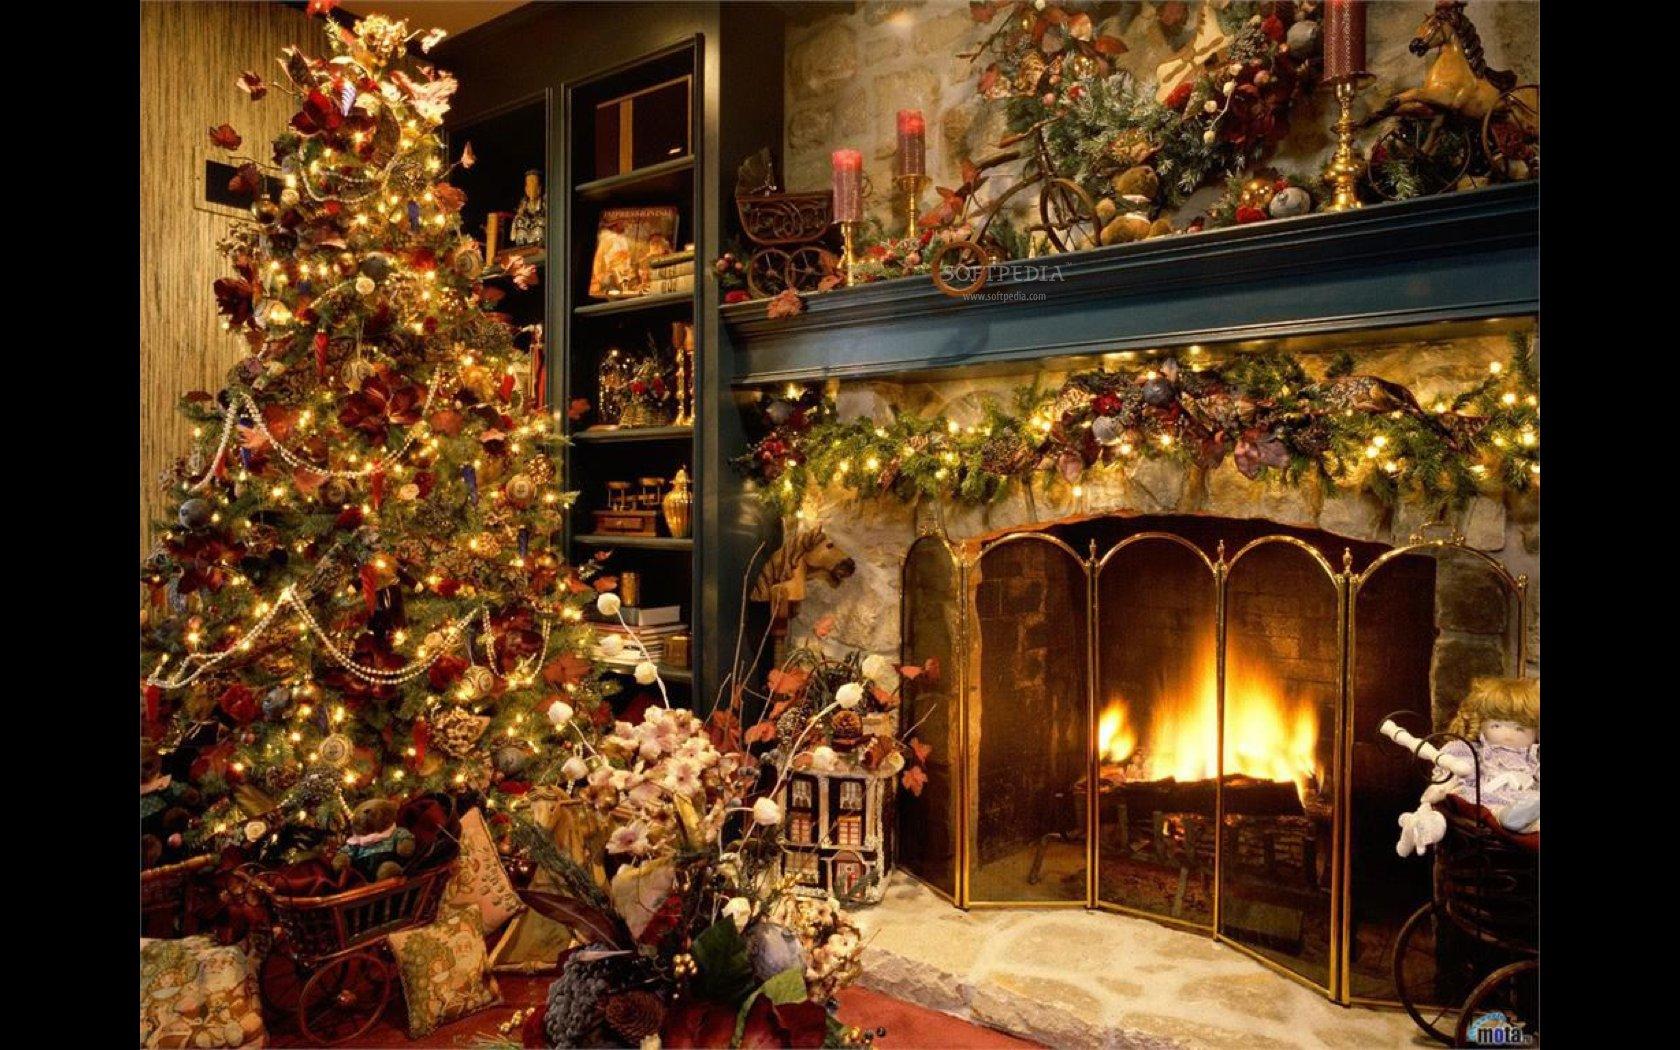 Feliz Navidad en 120 idiomas y Próspero año nuevo de Expreso Latino / Stranieriinitalia.it